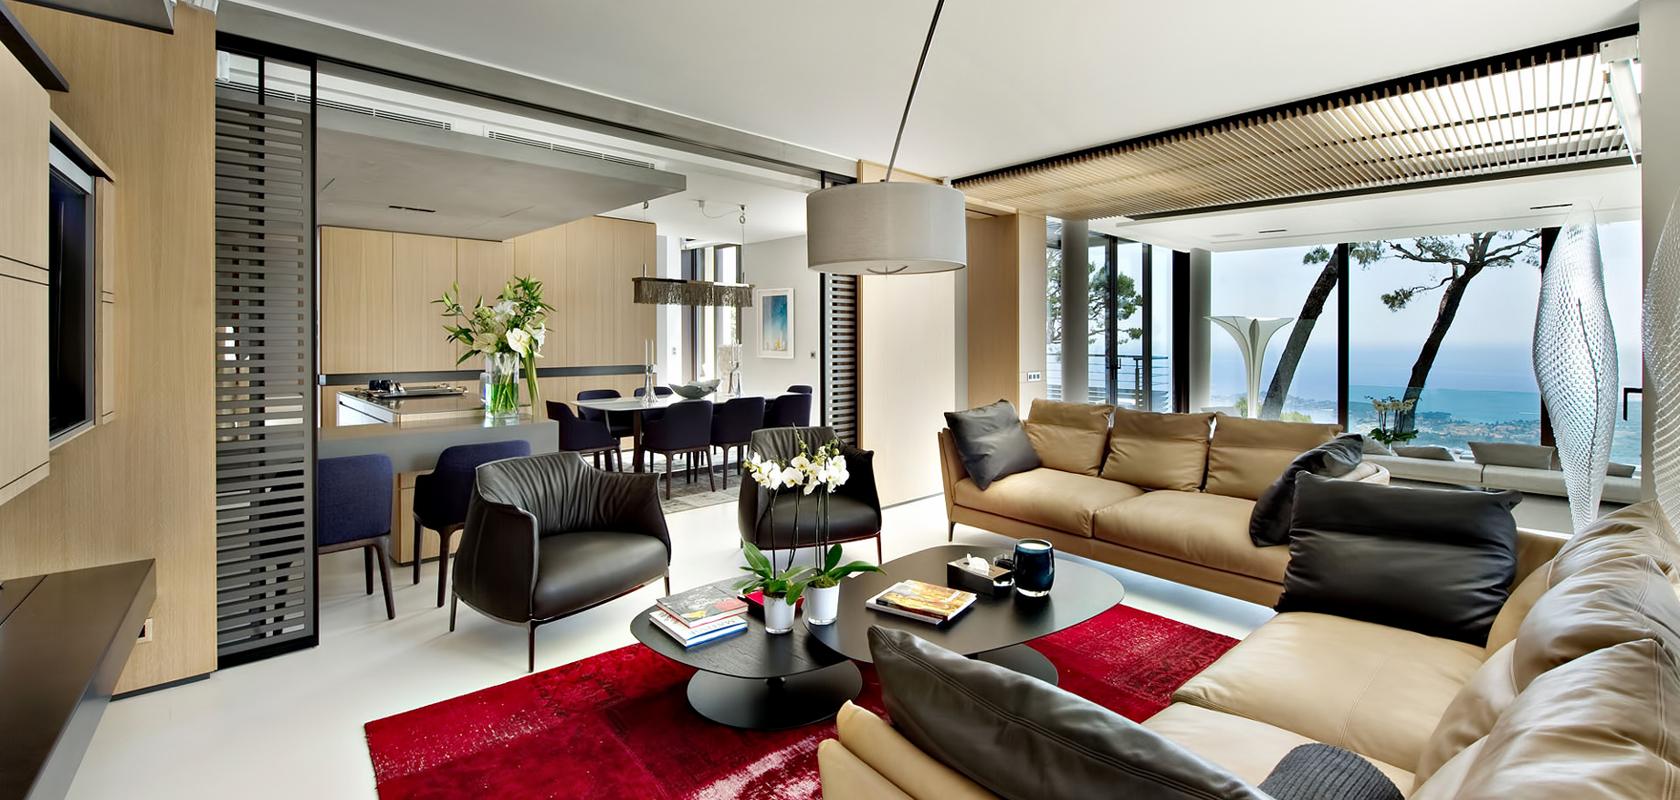 Thiết kế nội thất phòng khách theo phong cách Châu Âu